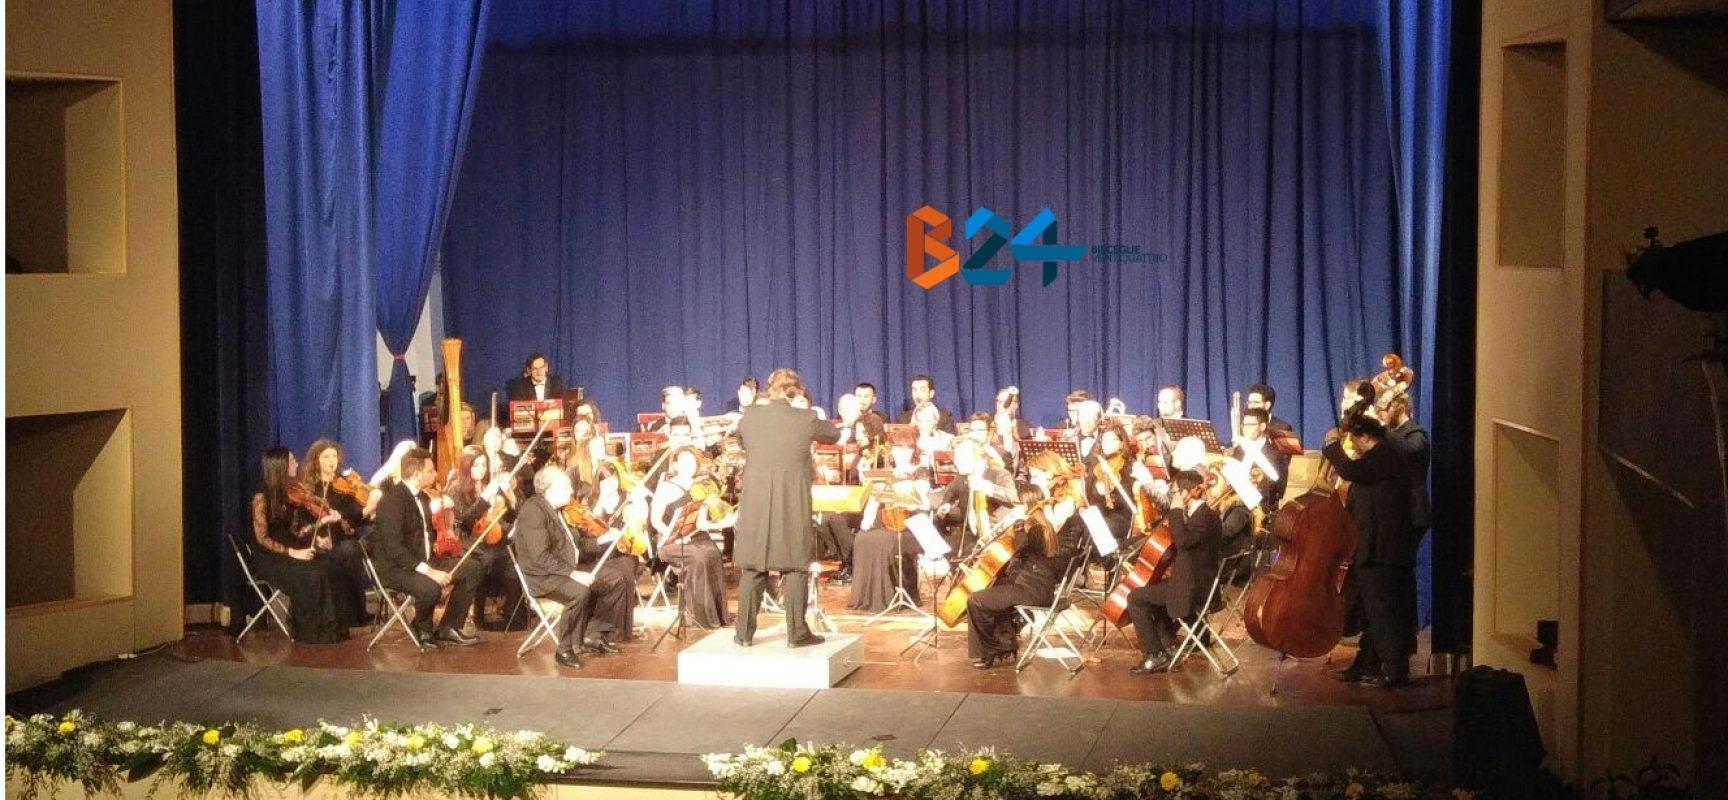 L'orchestra Biagio Abbate rende omaggio alla musica di Giuseppe Verdi